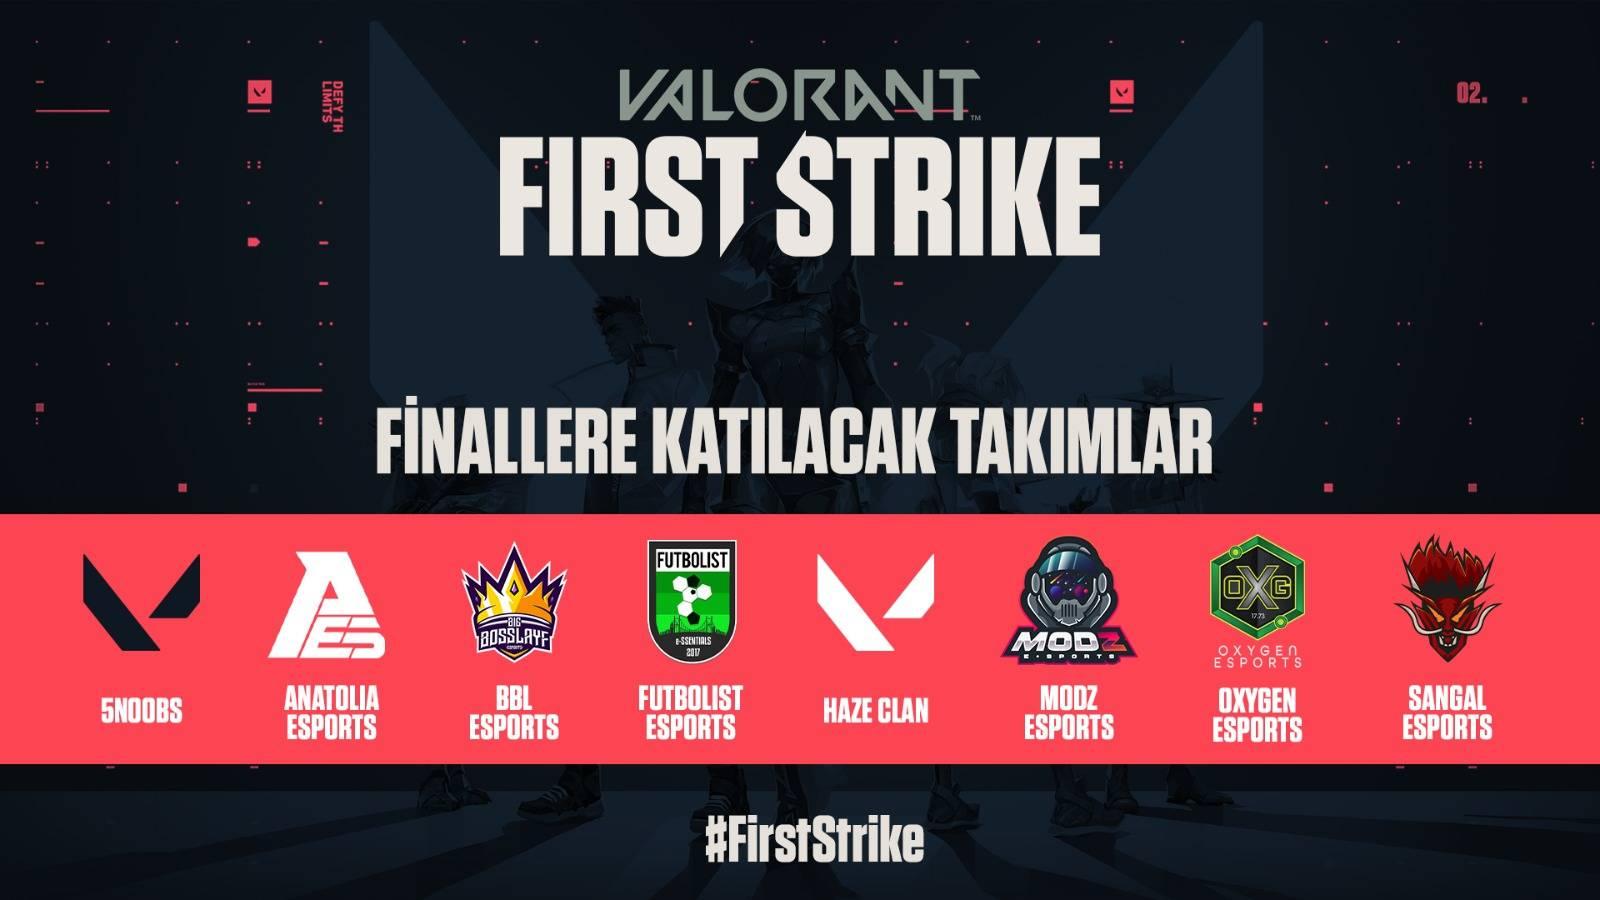 valorant first strike turkiye finallerdeki ilk eslesmeler